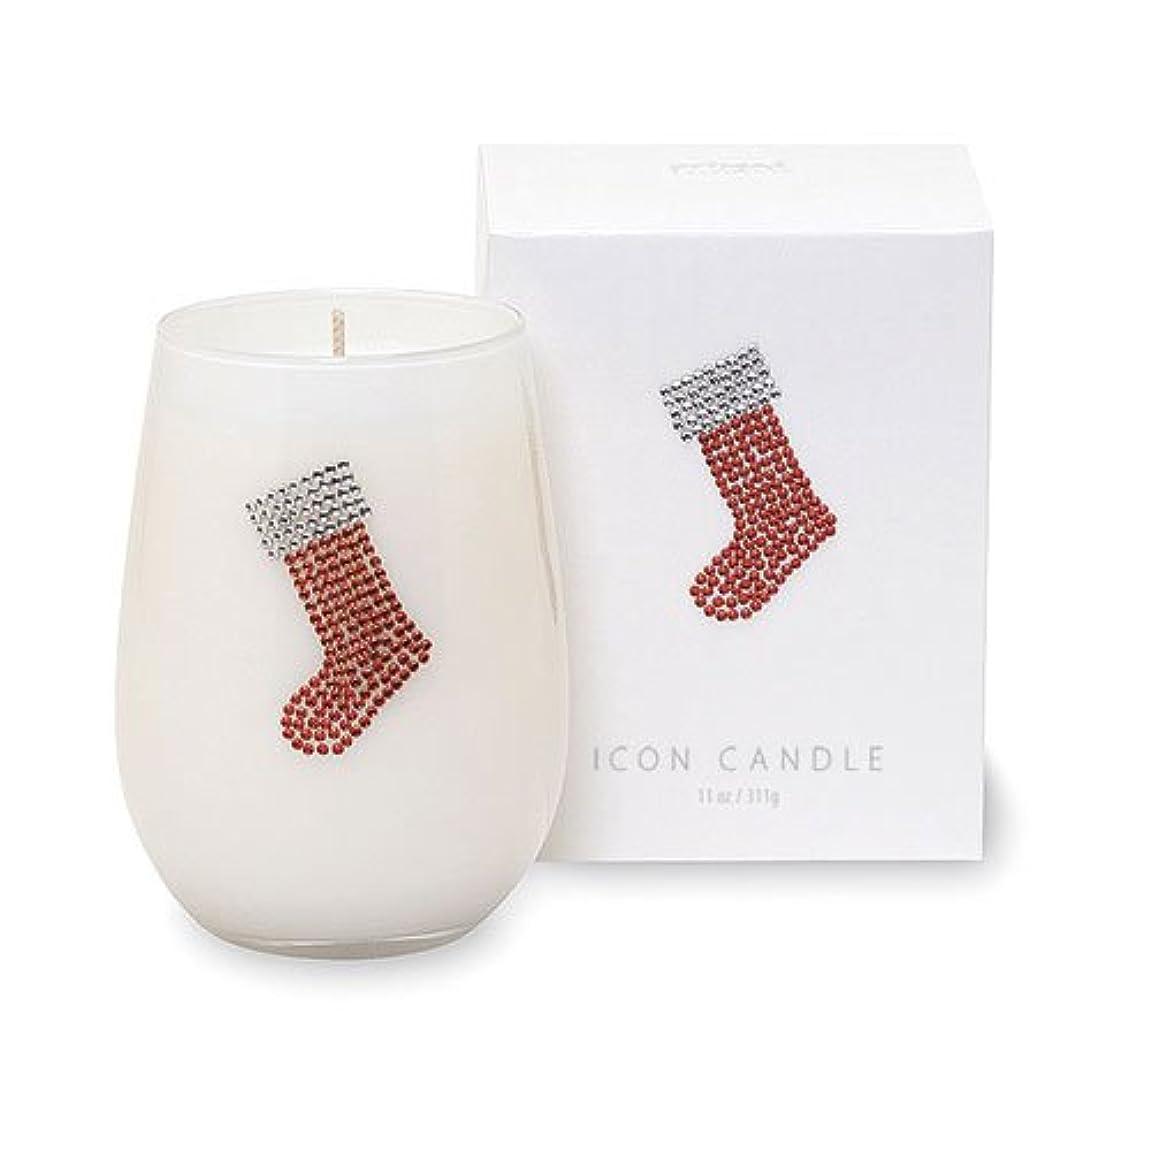 寛容ほかに苦しむクリスマスアイコンキャンドル/くつ下ウィンターミントの香り キャンドル